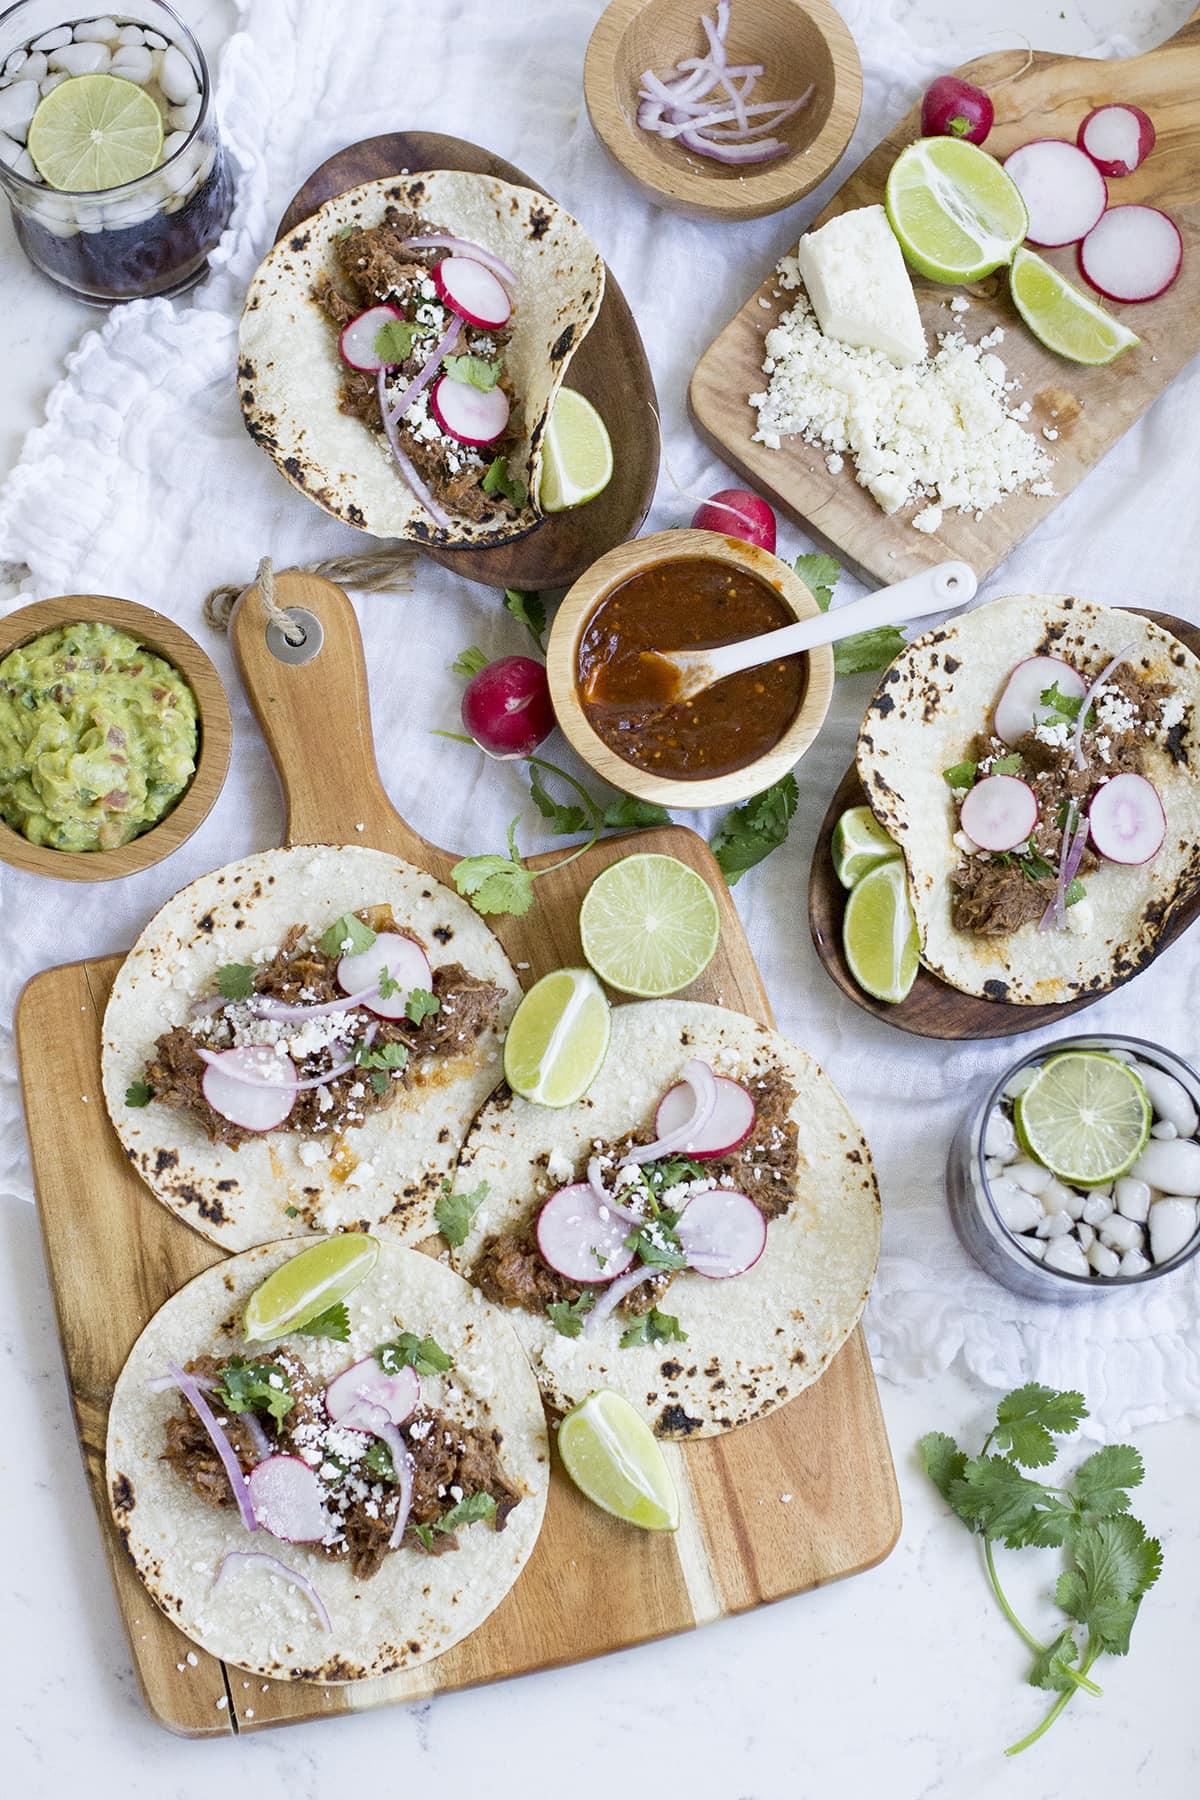 Crockpot Shredded Beef Tacos